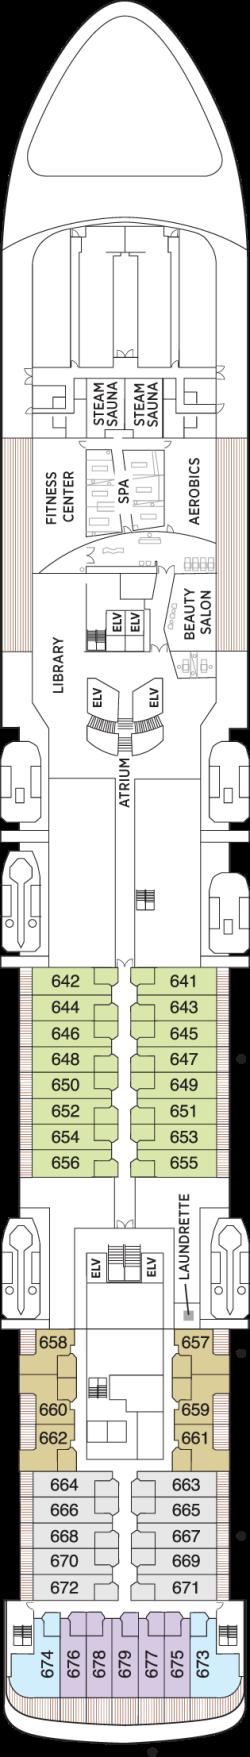 Seven Seas Voyager Deck 6: Deck 6